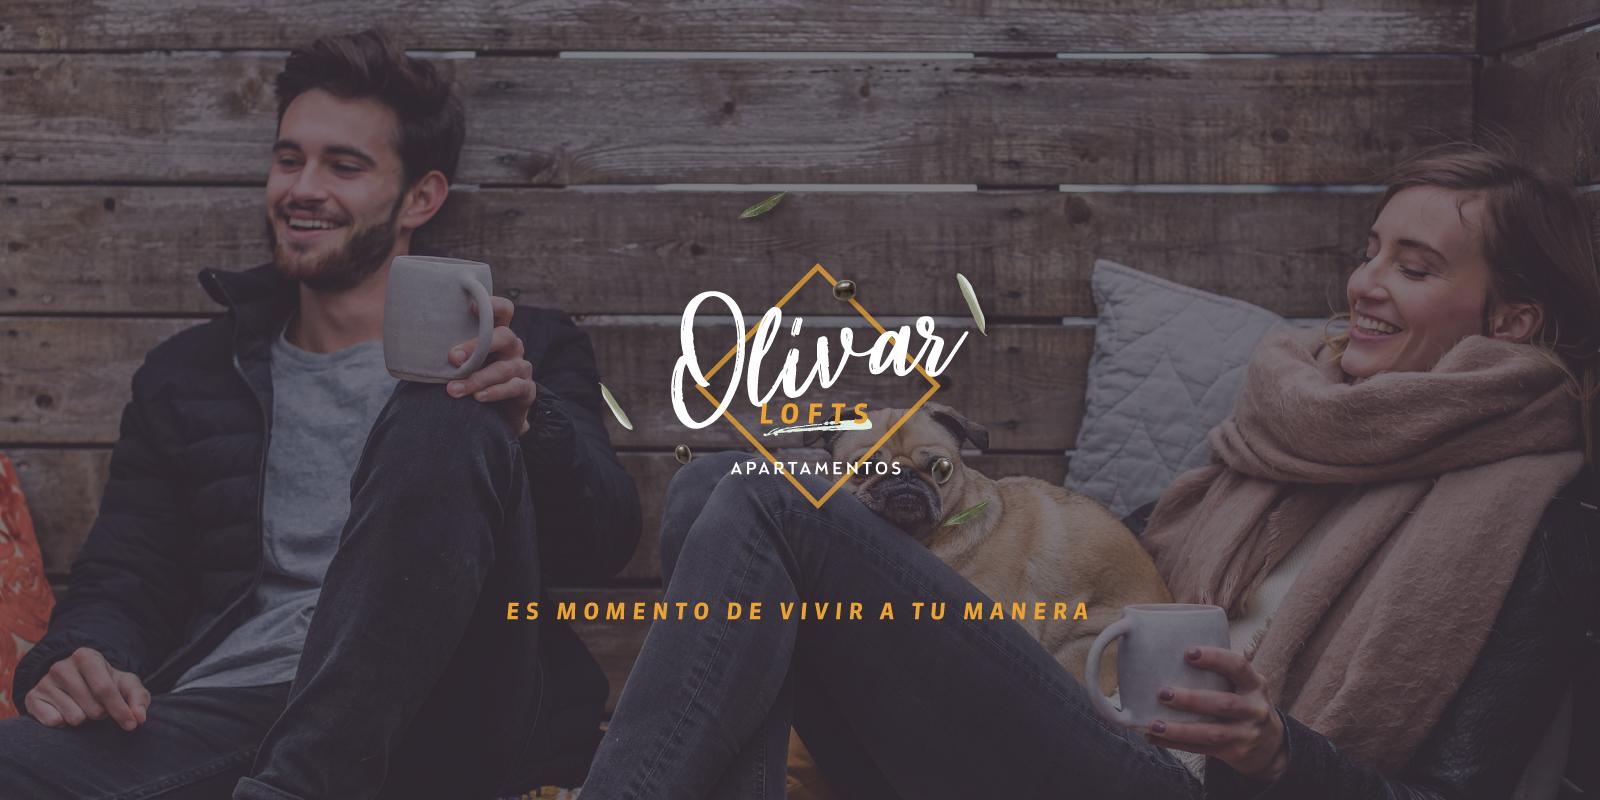 Olivar Lofts